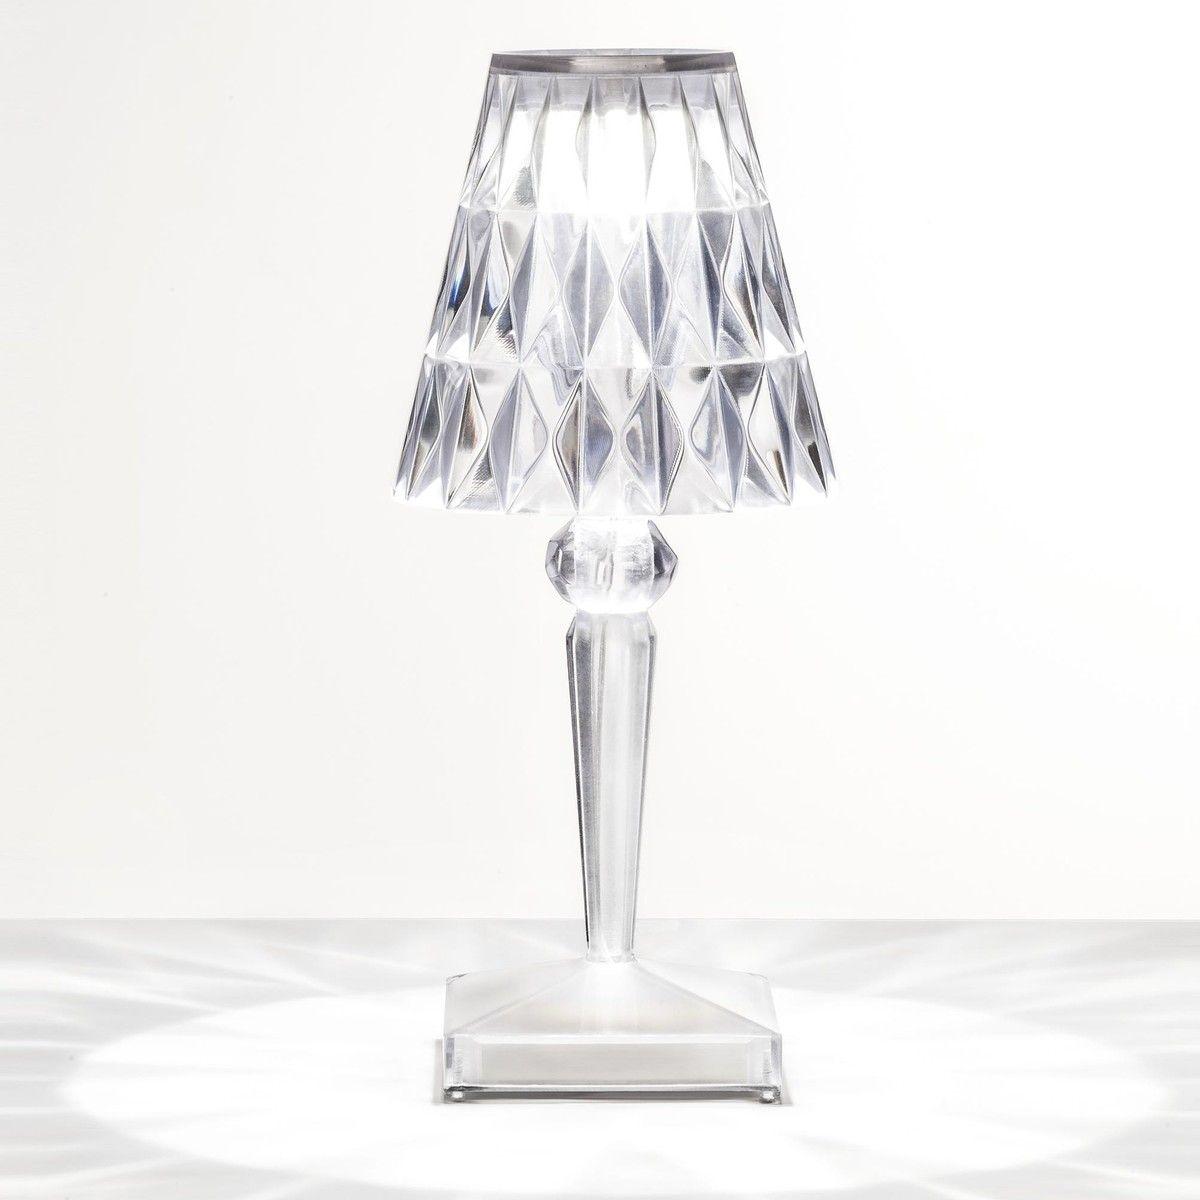 253daa41c06447637c3449a89e079be6 Résultat Supérieur 15 Bon Marché Lampe Design Kartell Galerie 2017 Ldkt